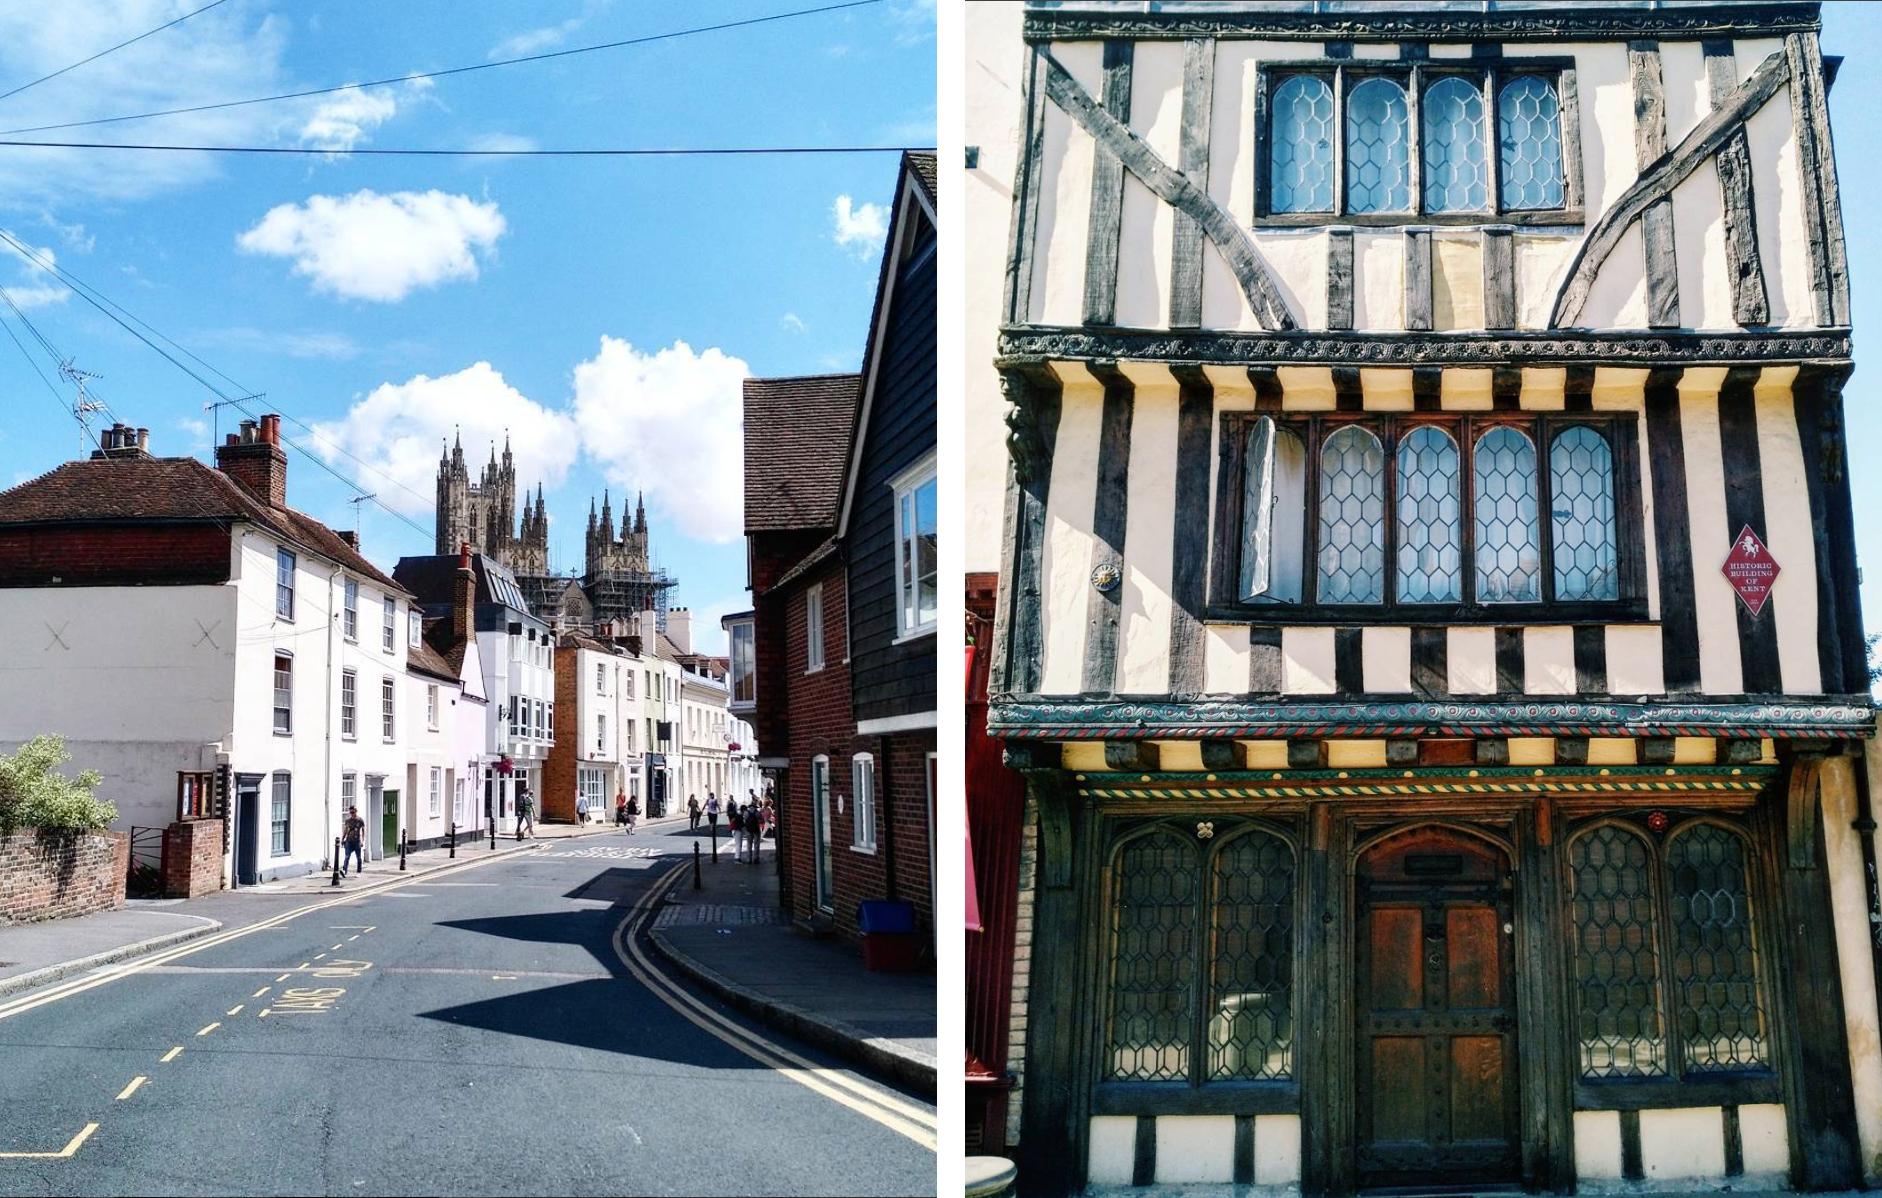 Vľavo slnkom zaliata ulica v Canterbury, vpravo fotografia časti fasády miestneho domu. Kent, Anglicko